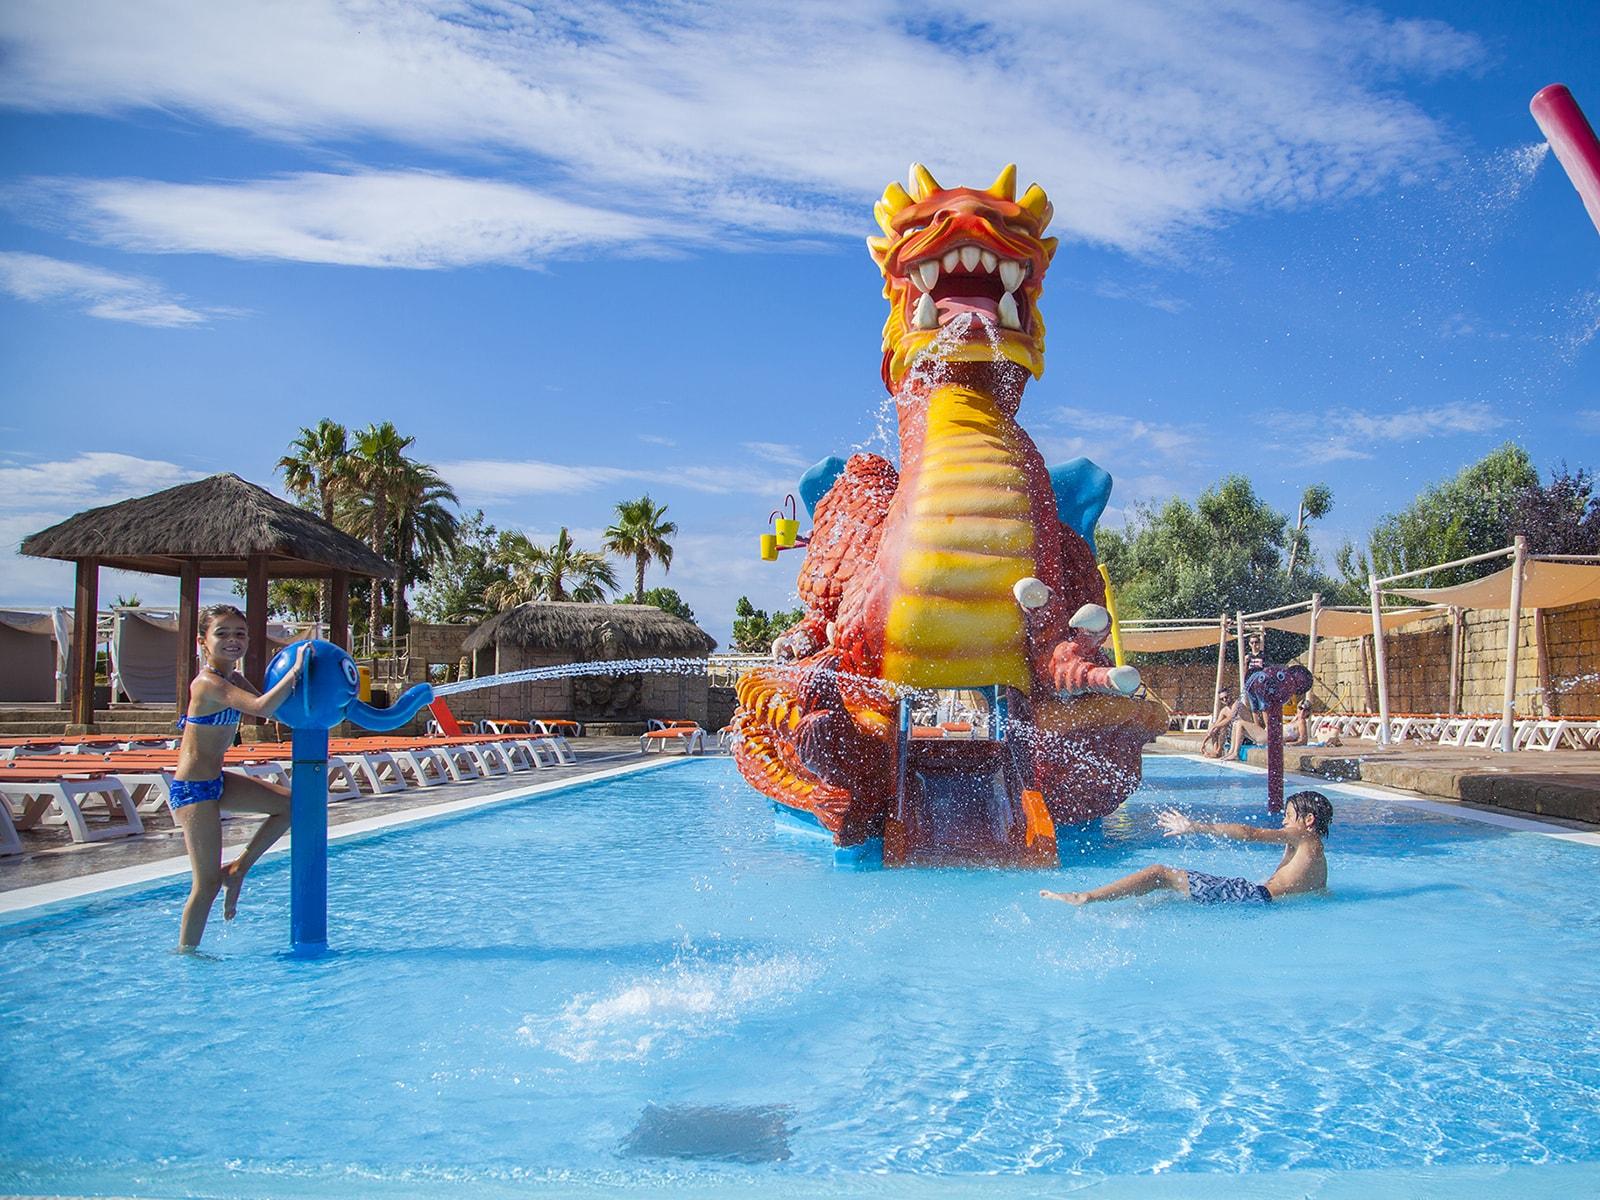 enfants jouant à la bataille d'eau devant jeux d'eau dragon géant